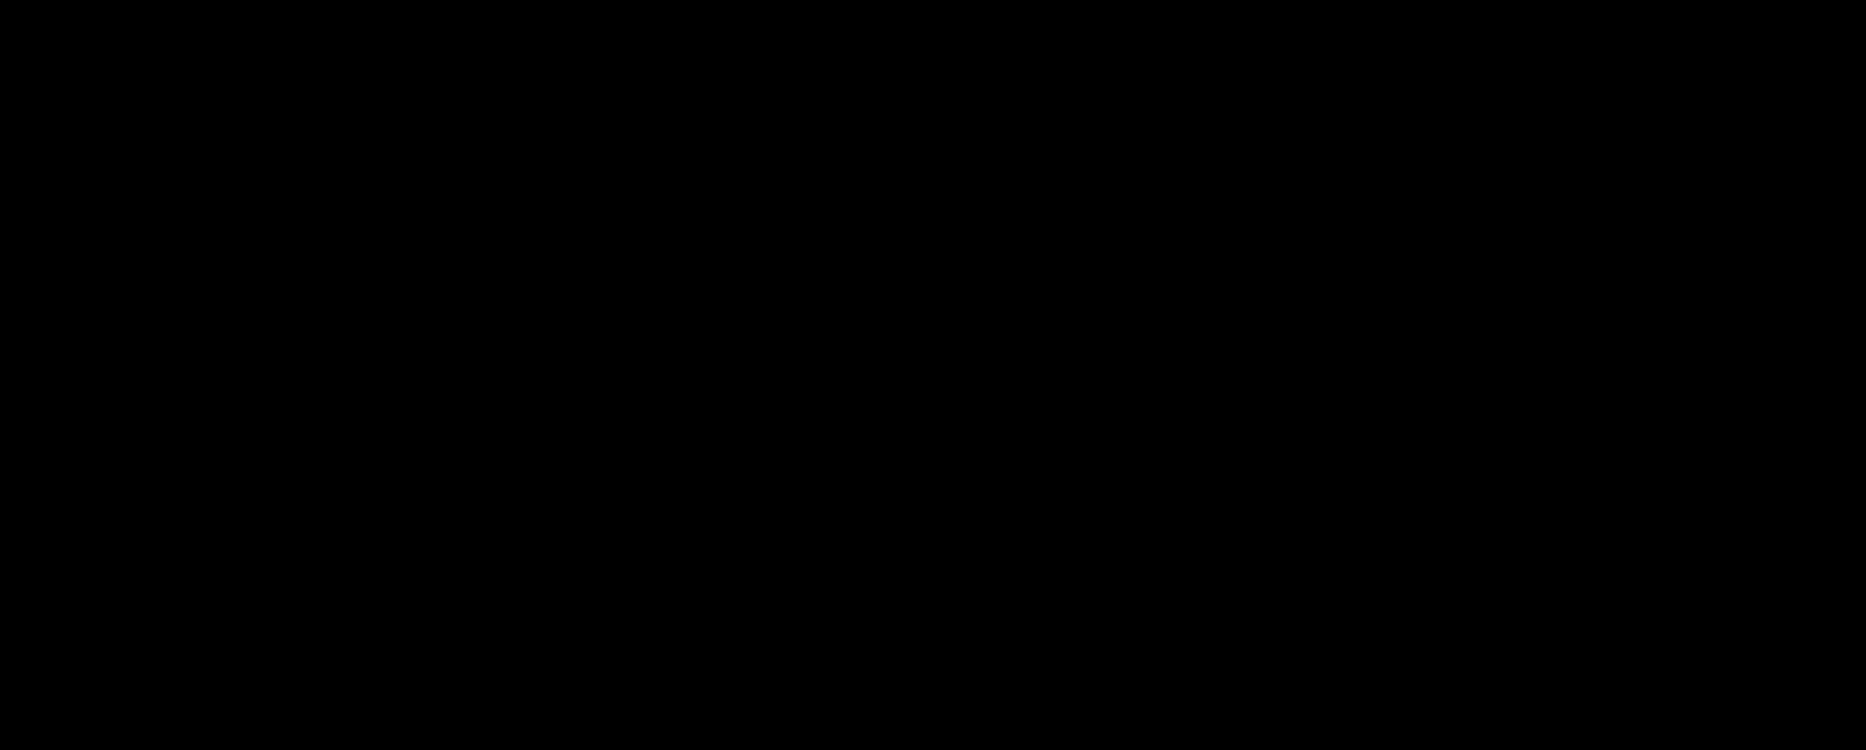 UPDATED 9.7 FitSafe-logo-black